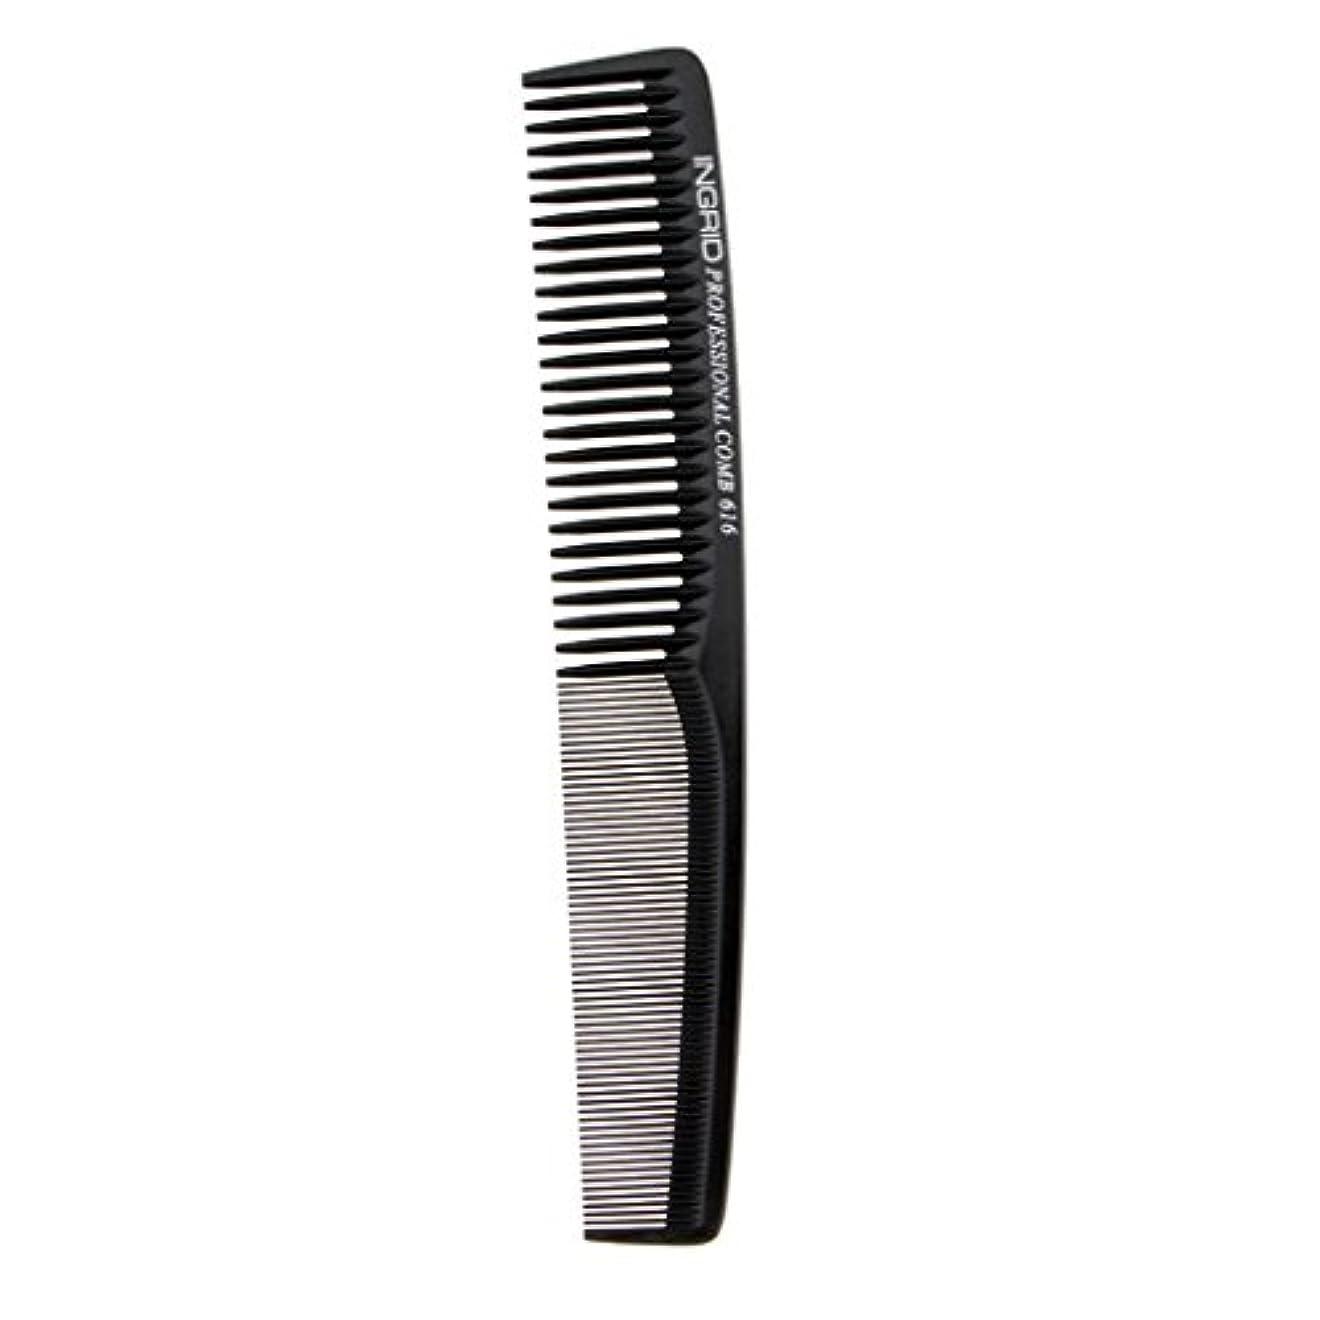 はちみつパシフィック必要Fenteer ヘアカットコーム 櫛 コーム 理髪店 ヘアケア 便利 全5色  - ブラック